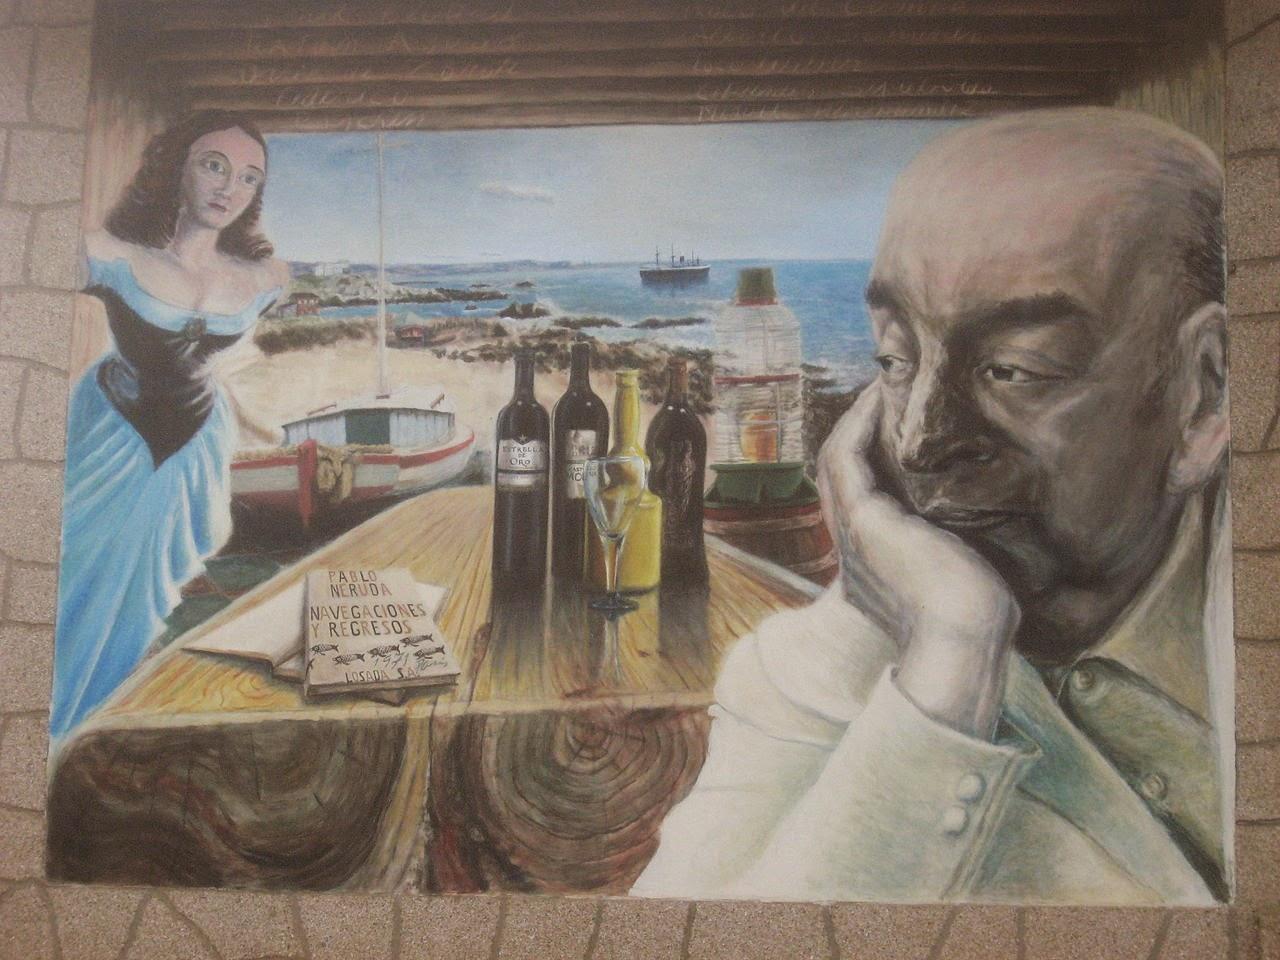 Pablo Neruda, Poezje, Okres ochronny na czarownice, Carmaniola